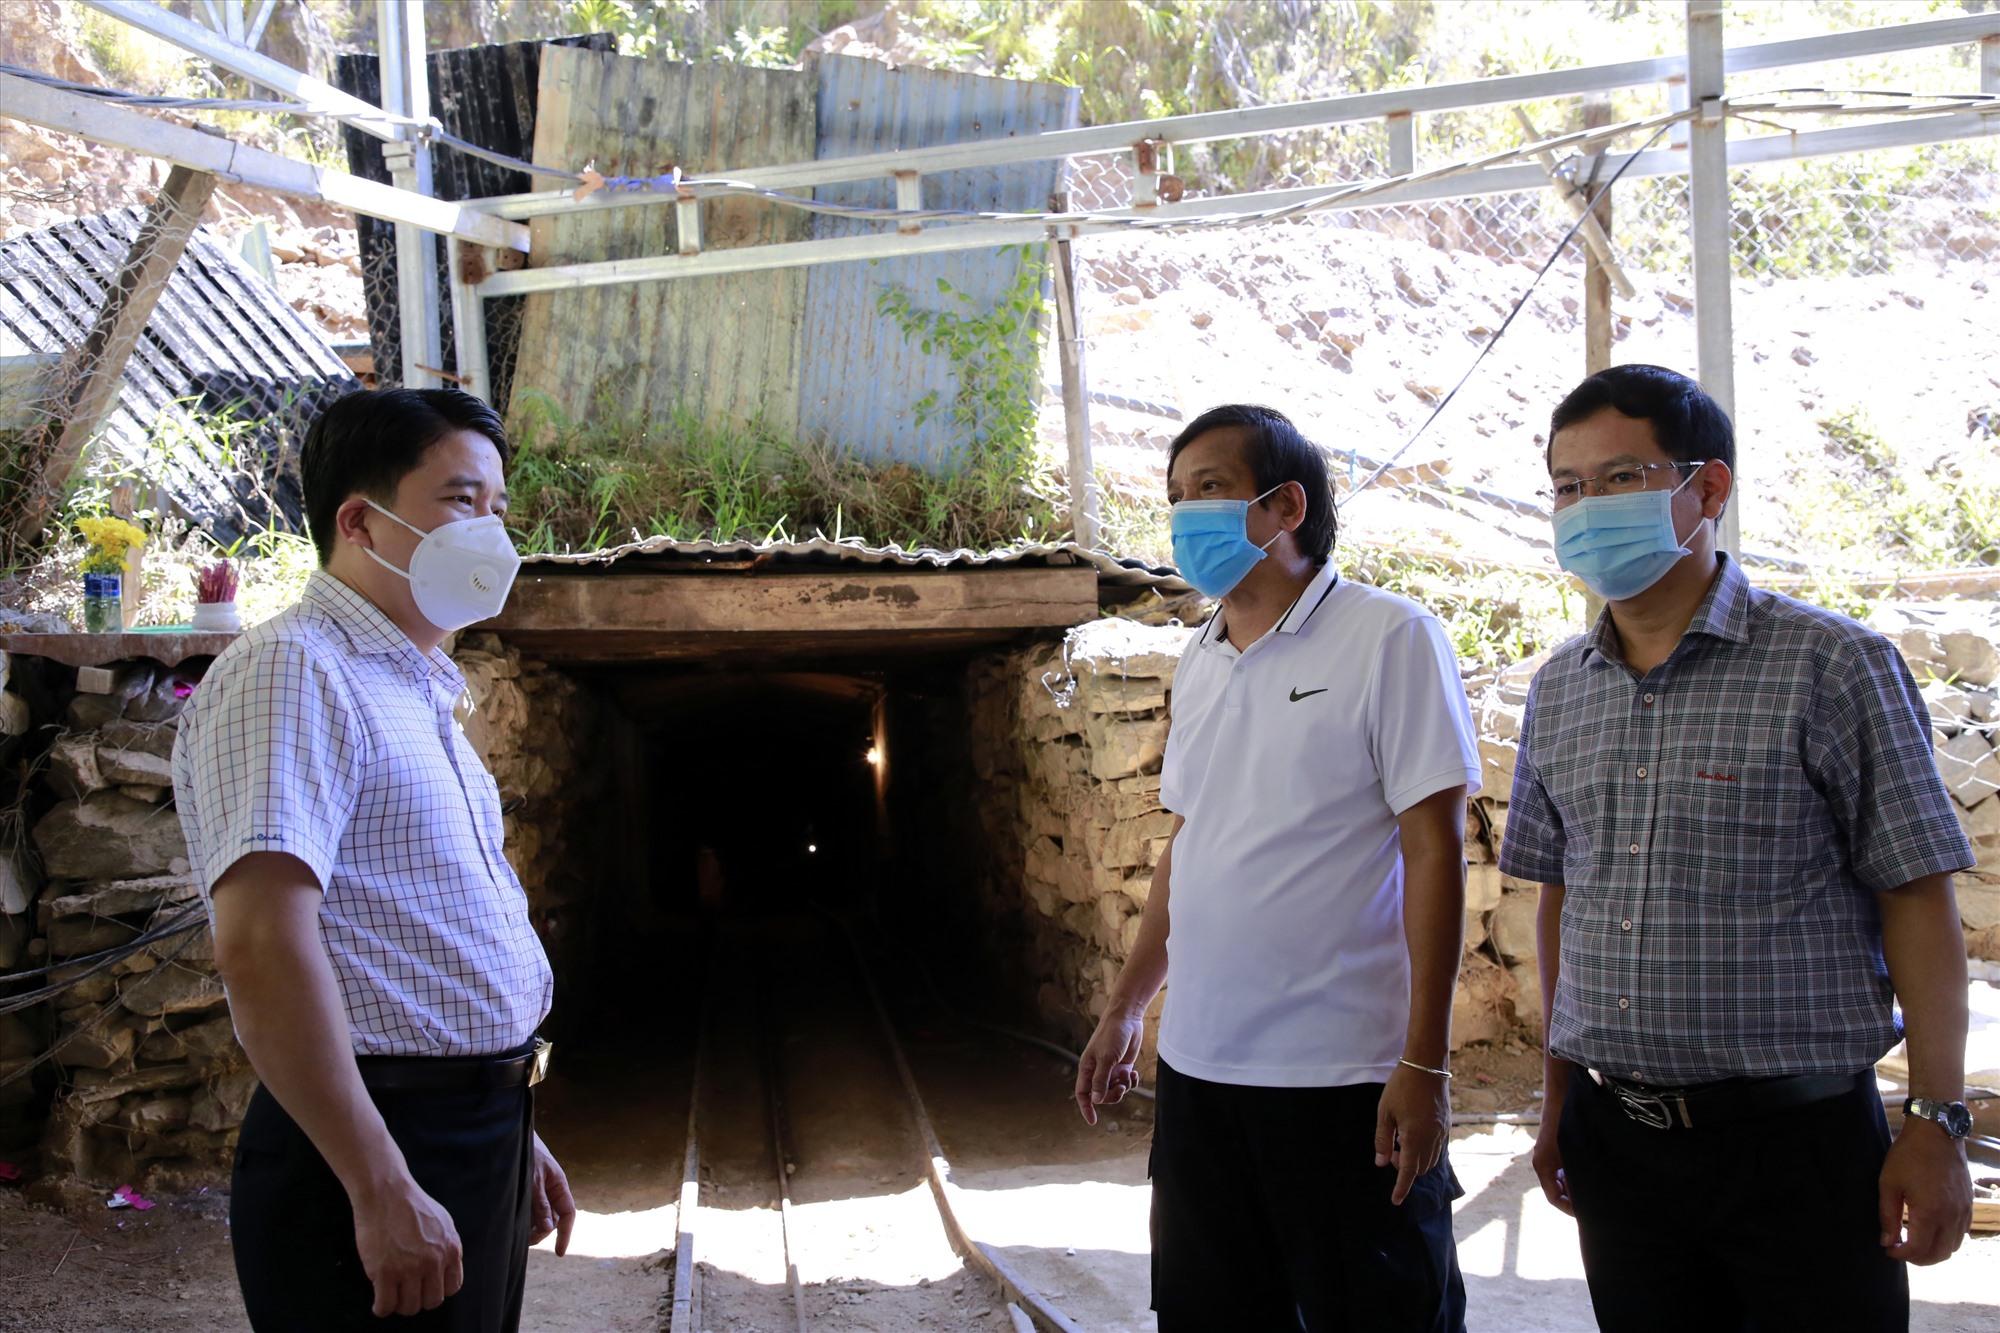 Phó Chủ tịch UBND tỉnh Trần Văn Tân kiểm tra hoạt đông khai thác vàng của công ty TNHH Phước Minh tại xã Phước Thành.